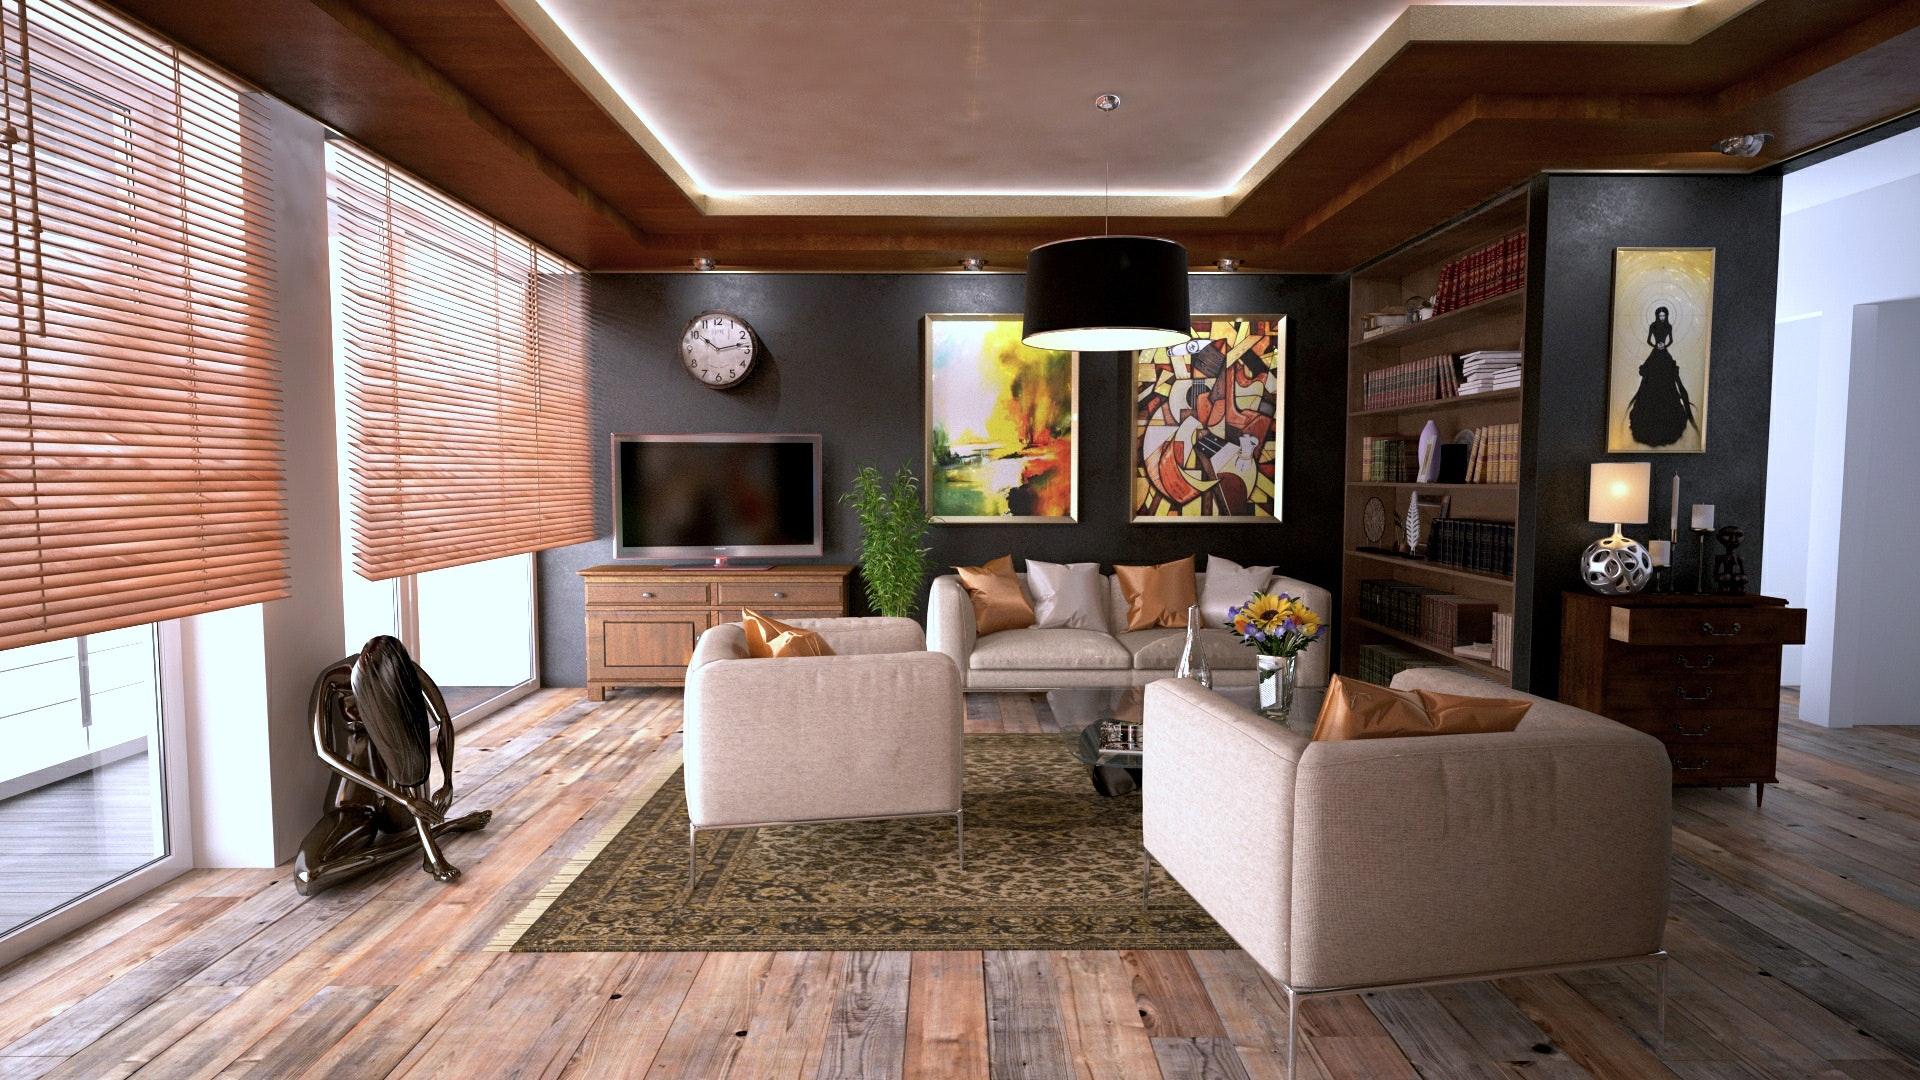 Jakie obrazy do mieszkania?